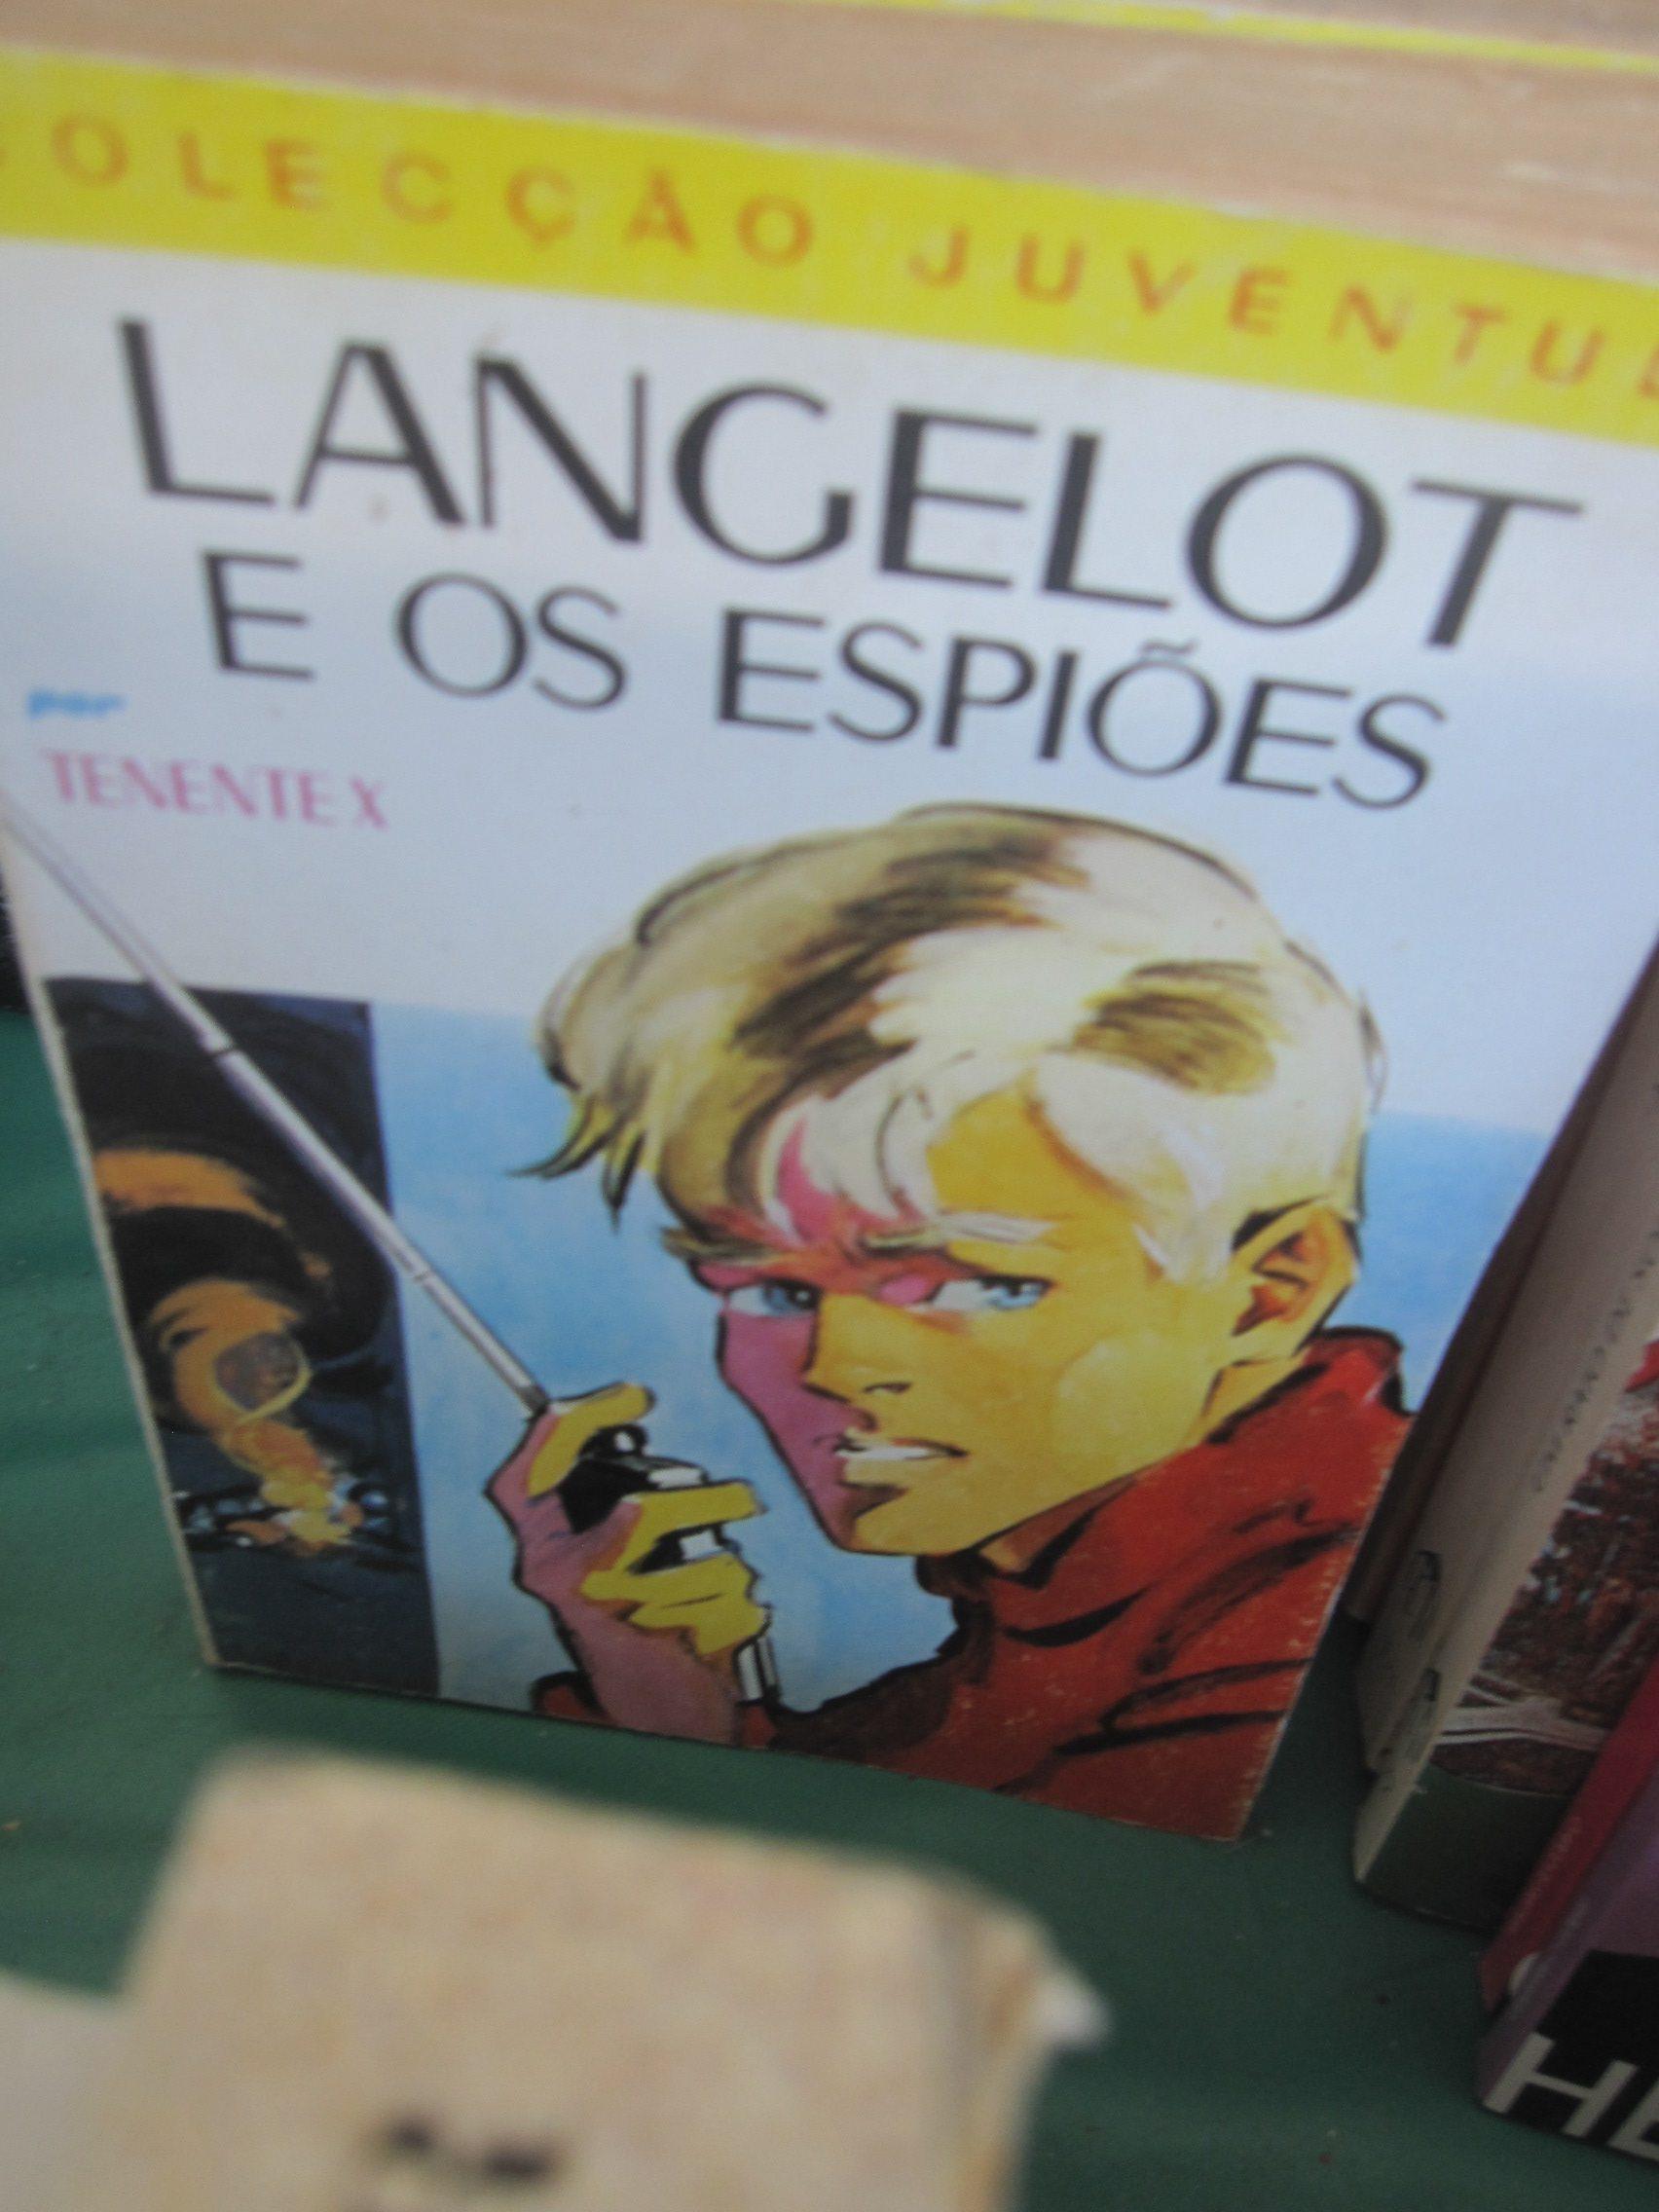 Langelot